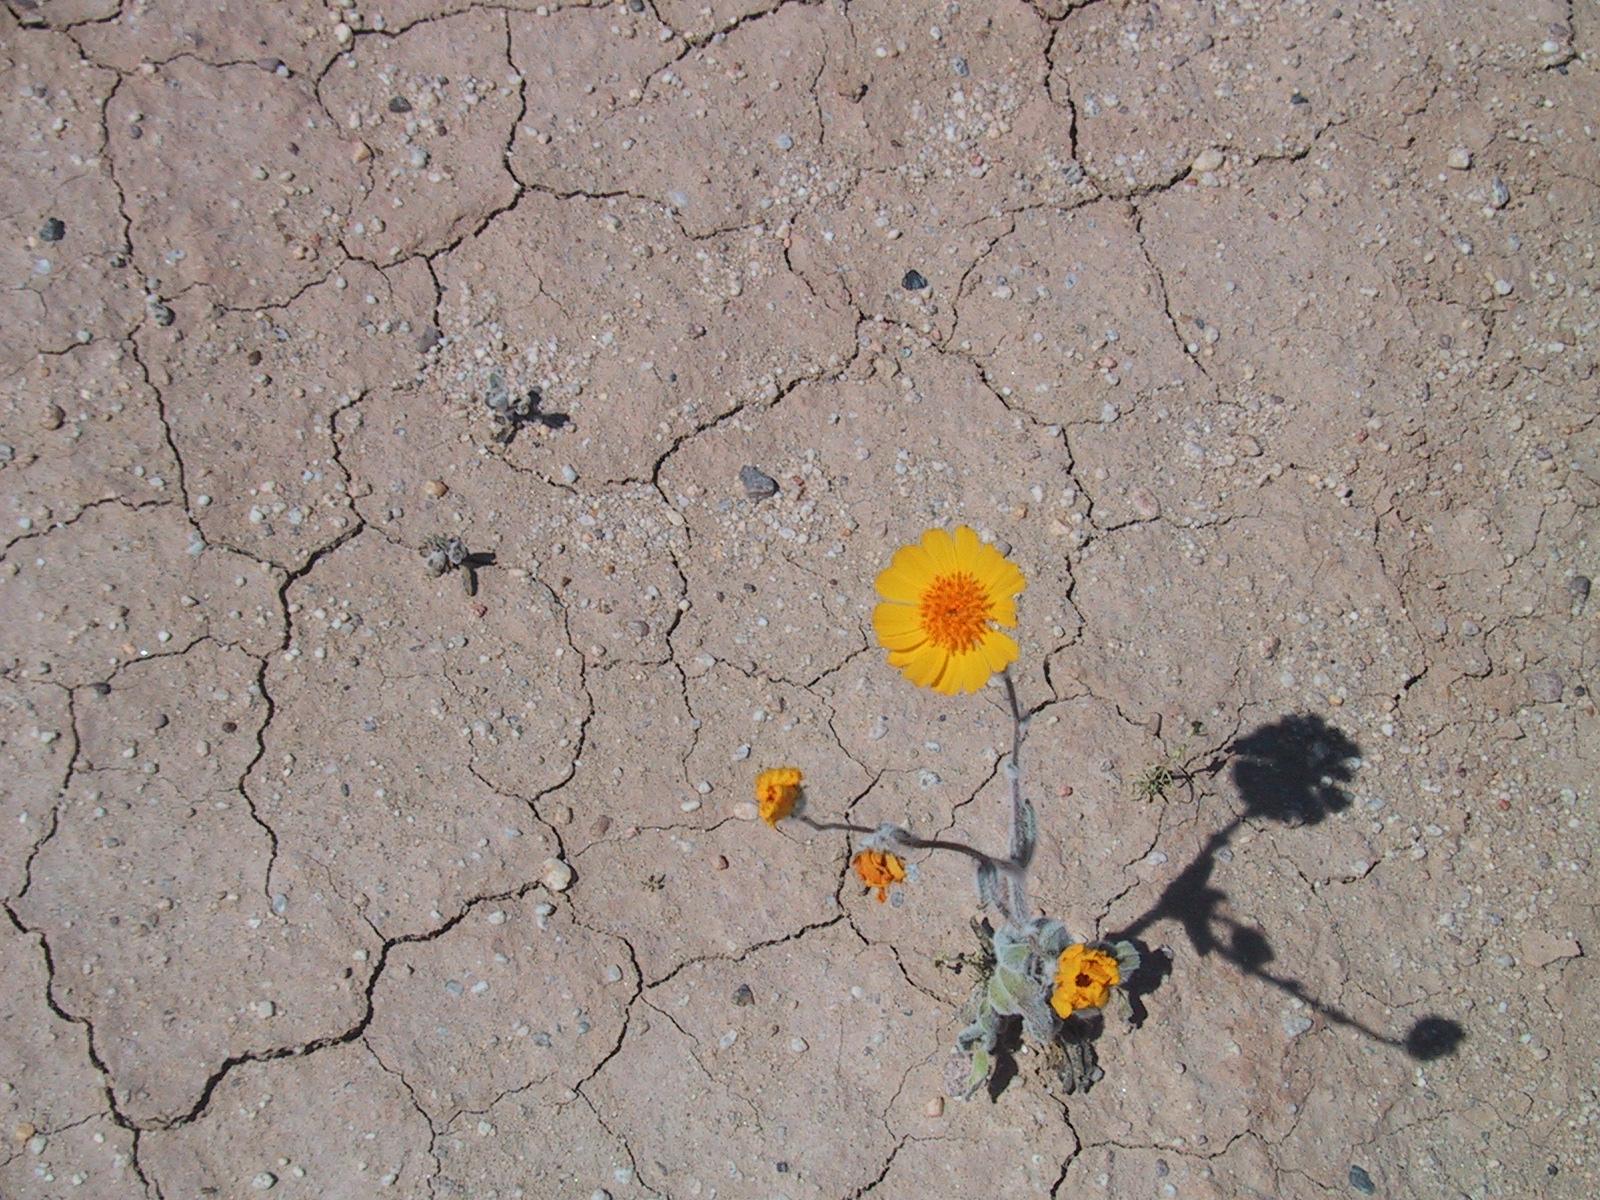 Description Desertflower.JPG